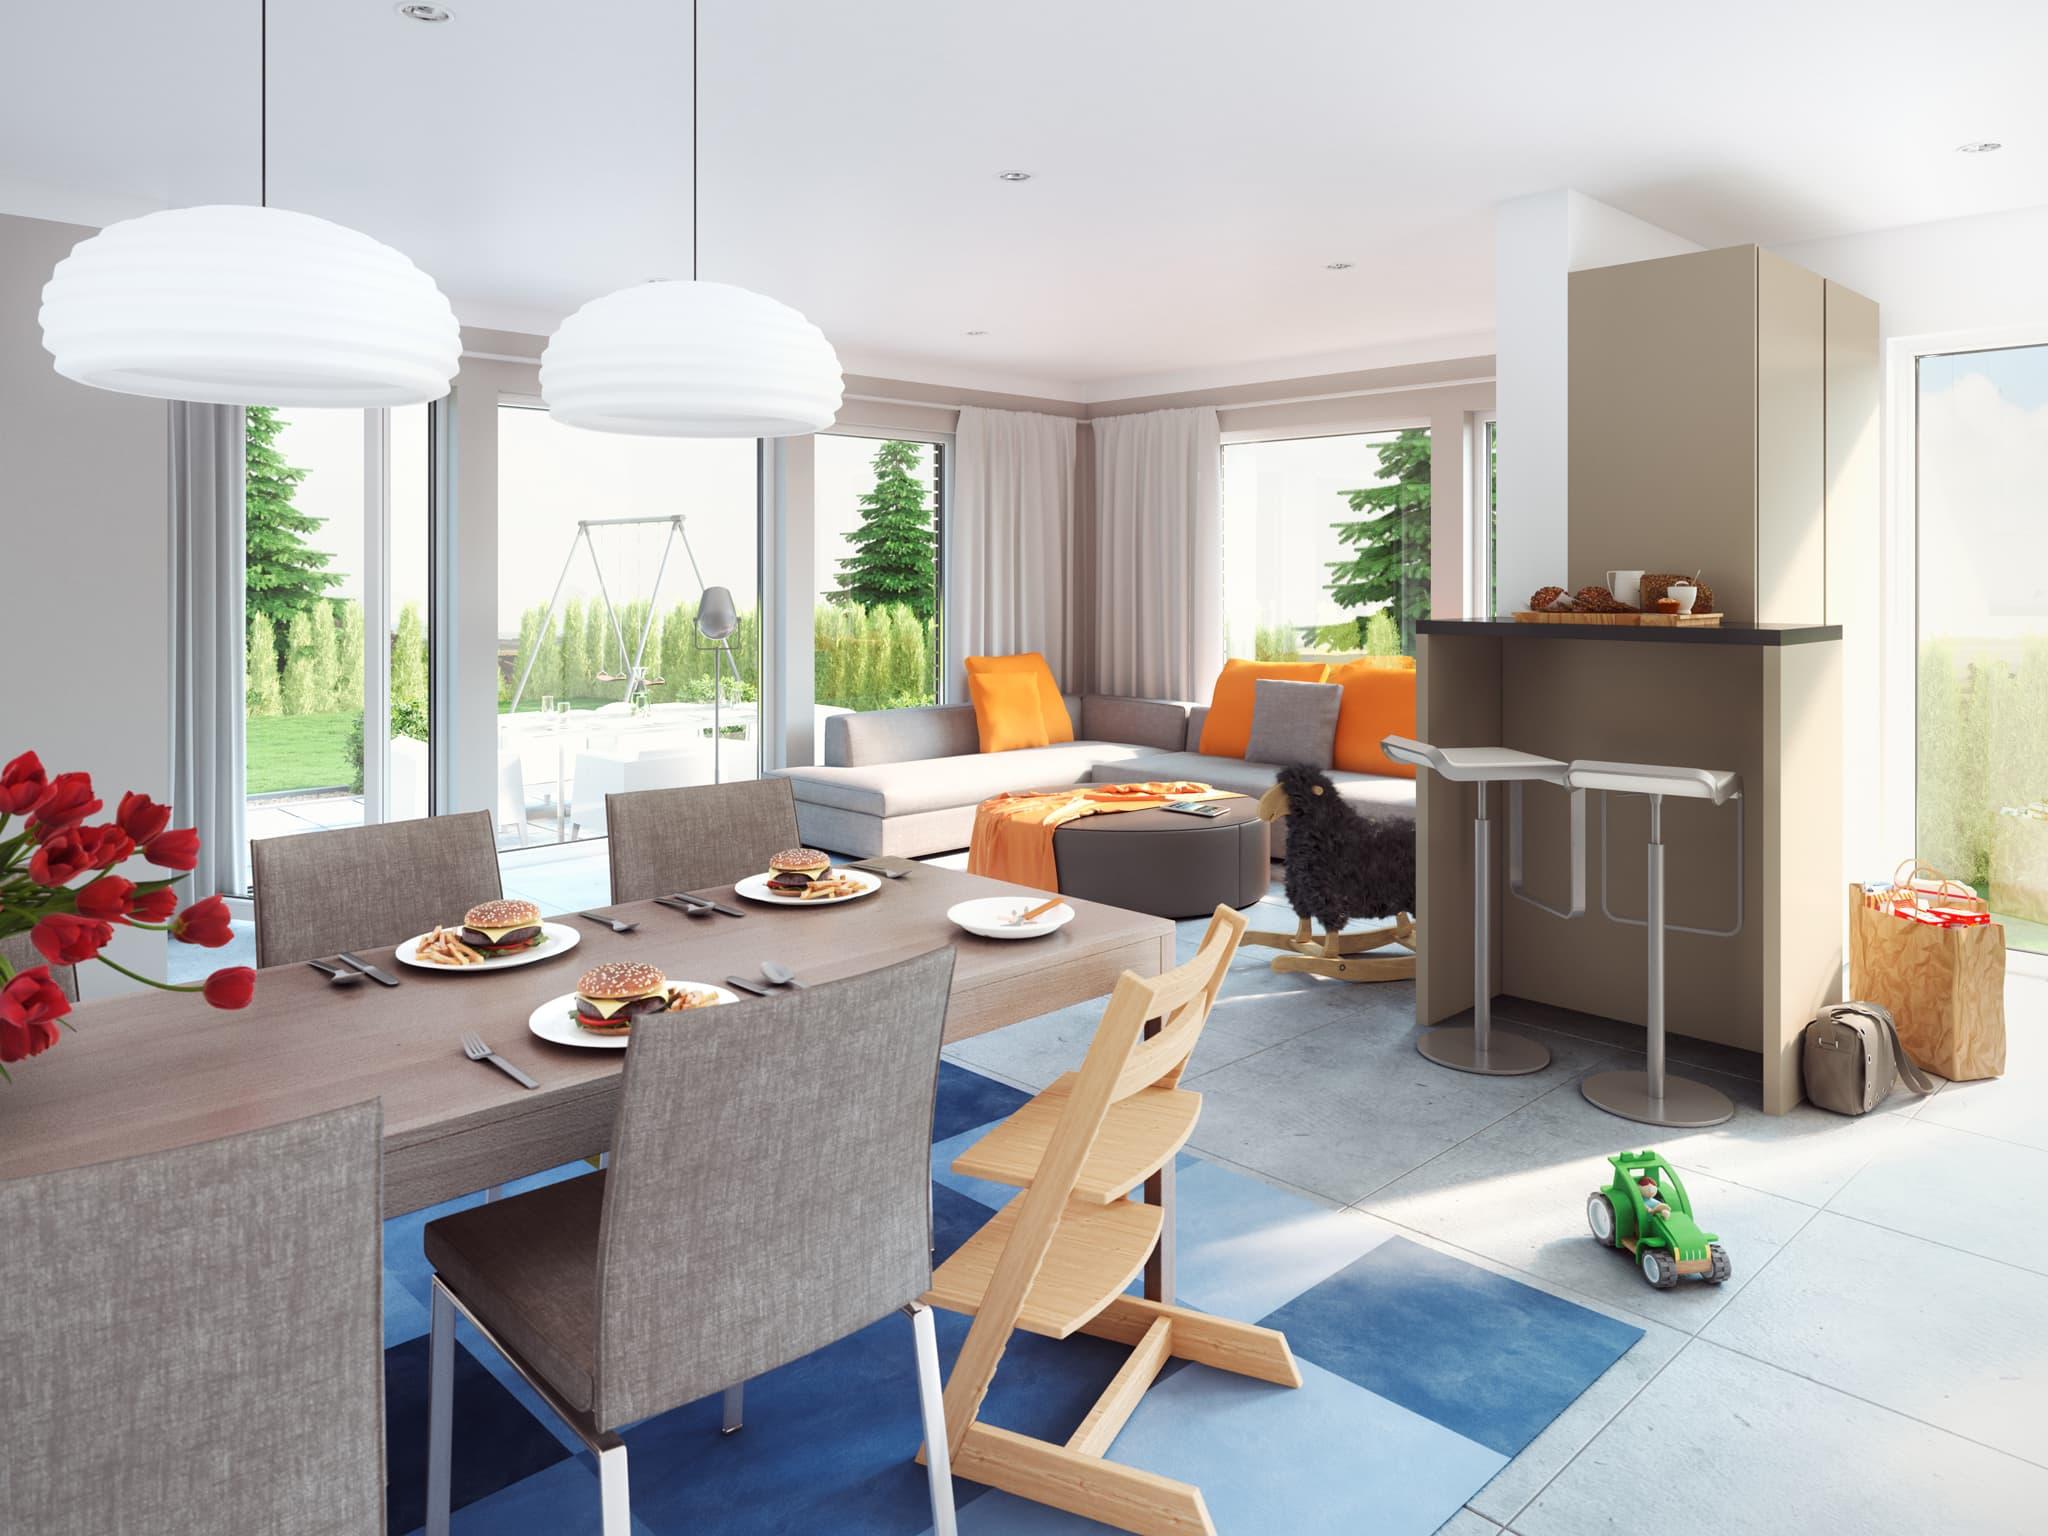 Offenes Wohn-Esszimmer - Ideen Inneneinrichtung Living Haus SOLUTION 183 V2 - HausbauDirekt.de